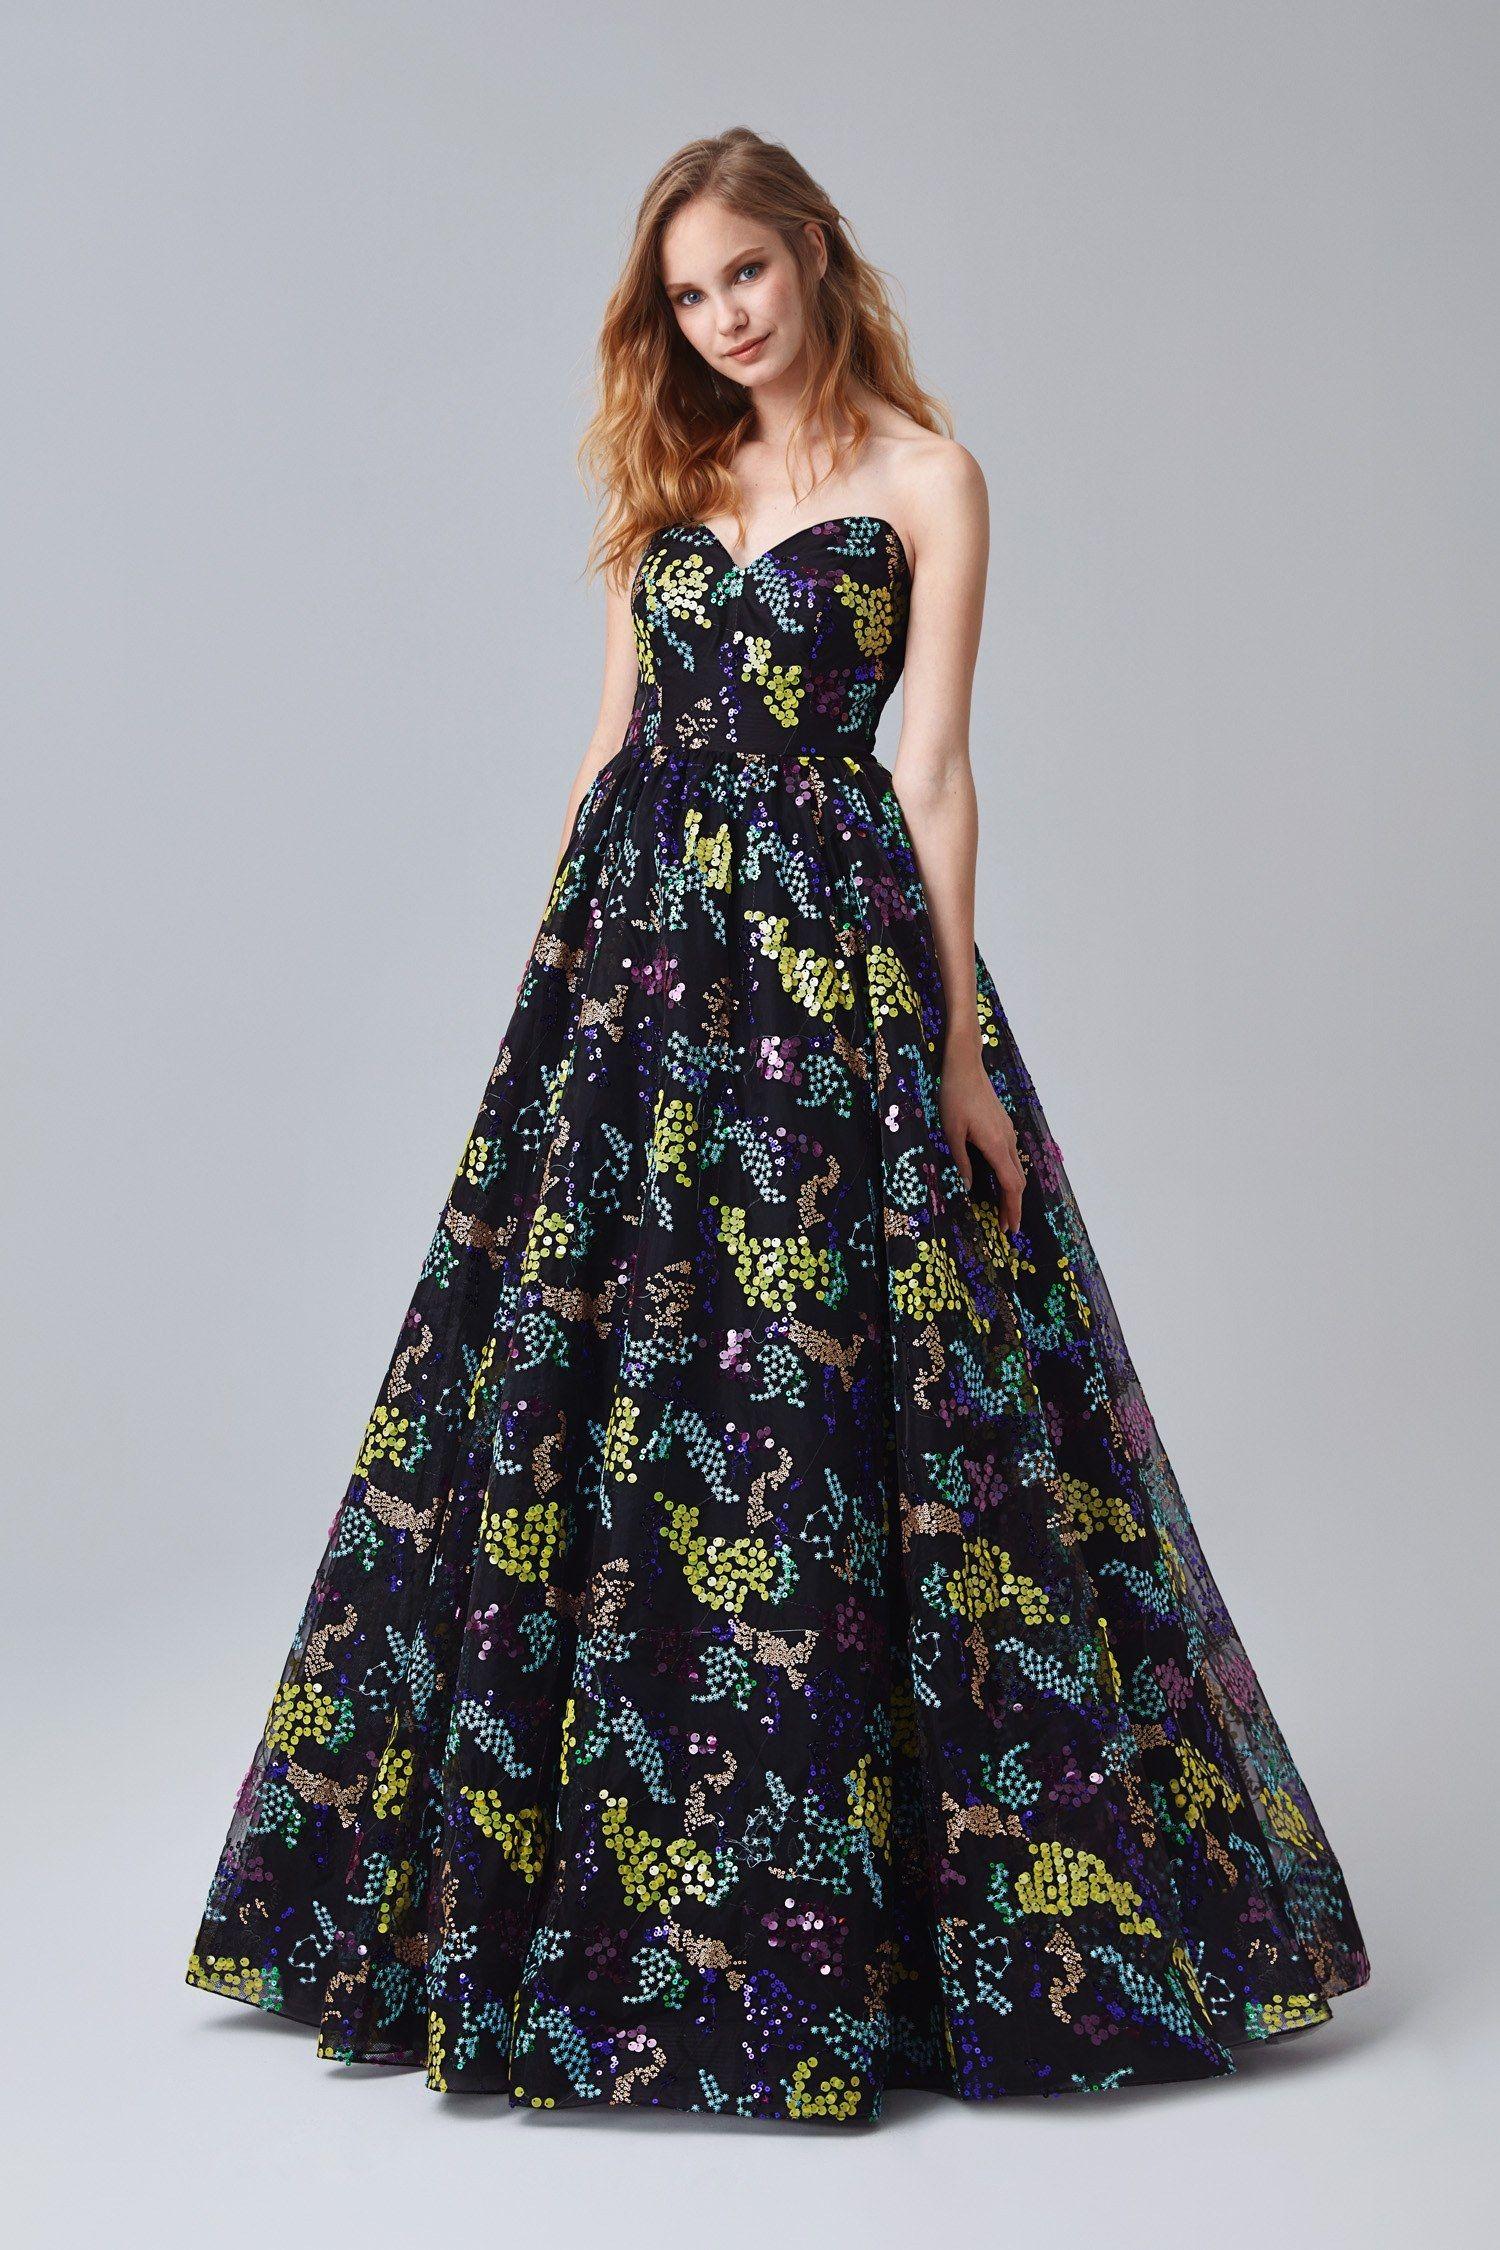 04500718df700 Renkli Straplez Uzun Abiye Elbise in 2019 | Gece Kıyafetleri / Abiye ...